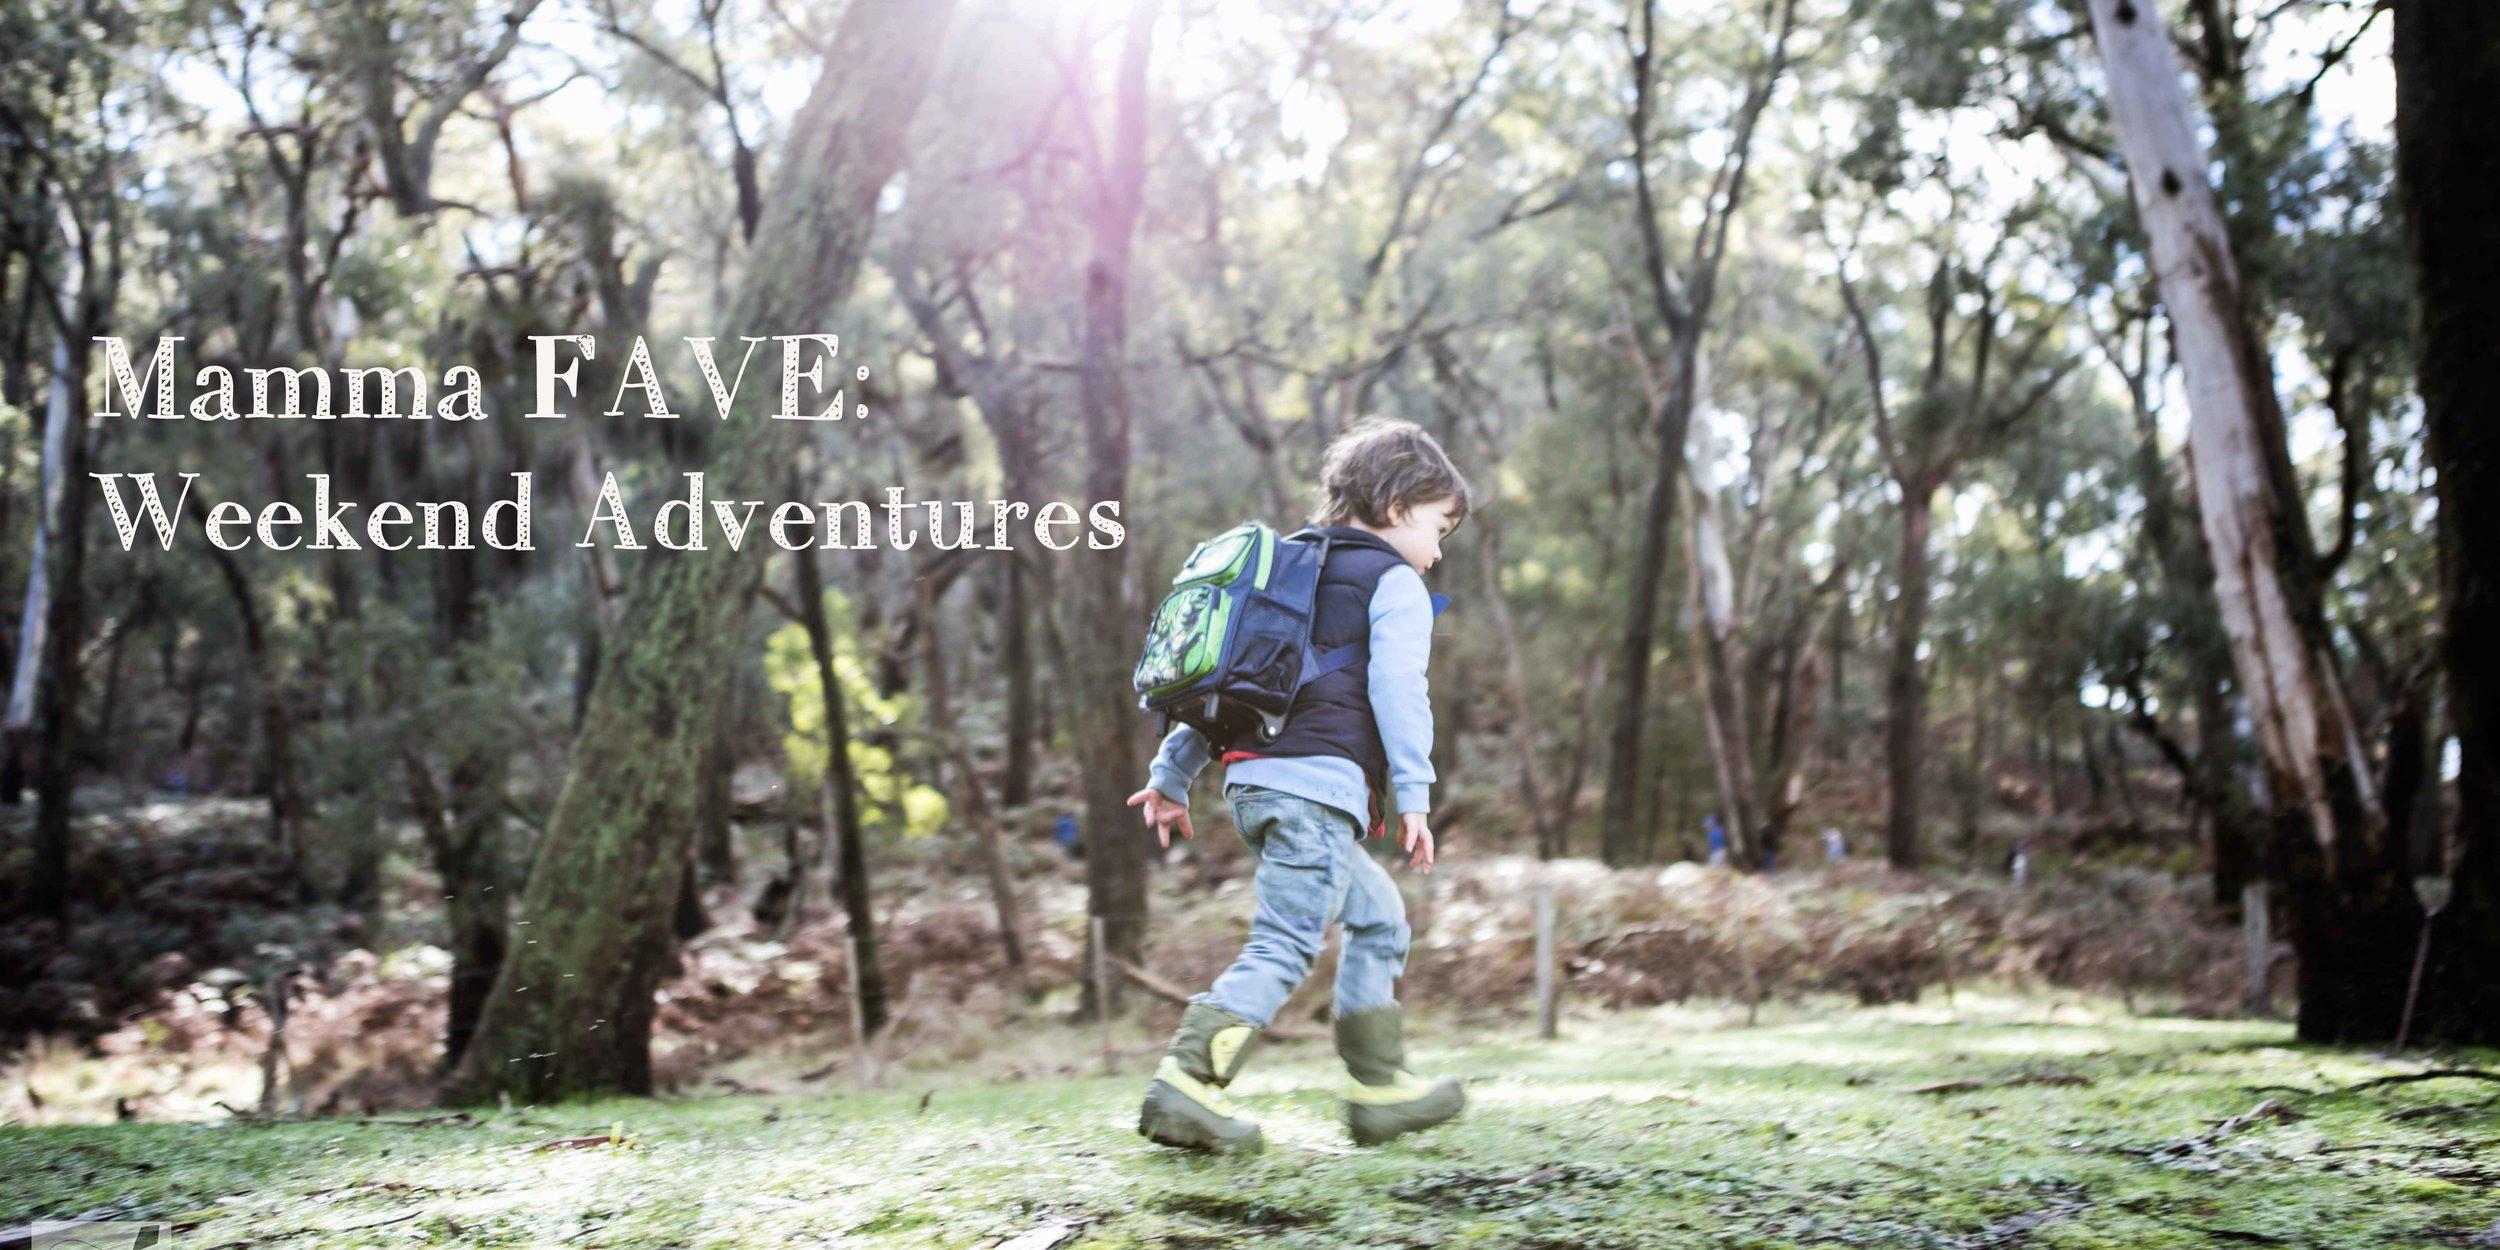 weekend adventures.jpg